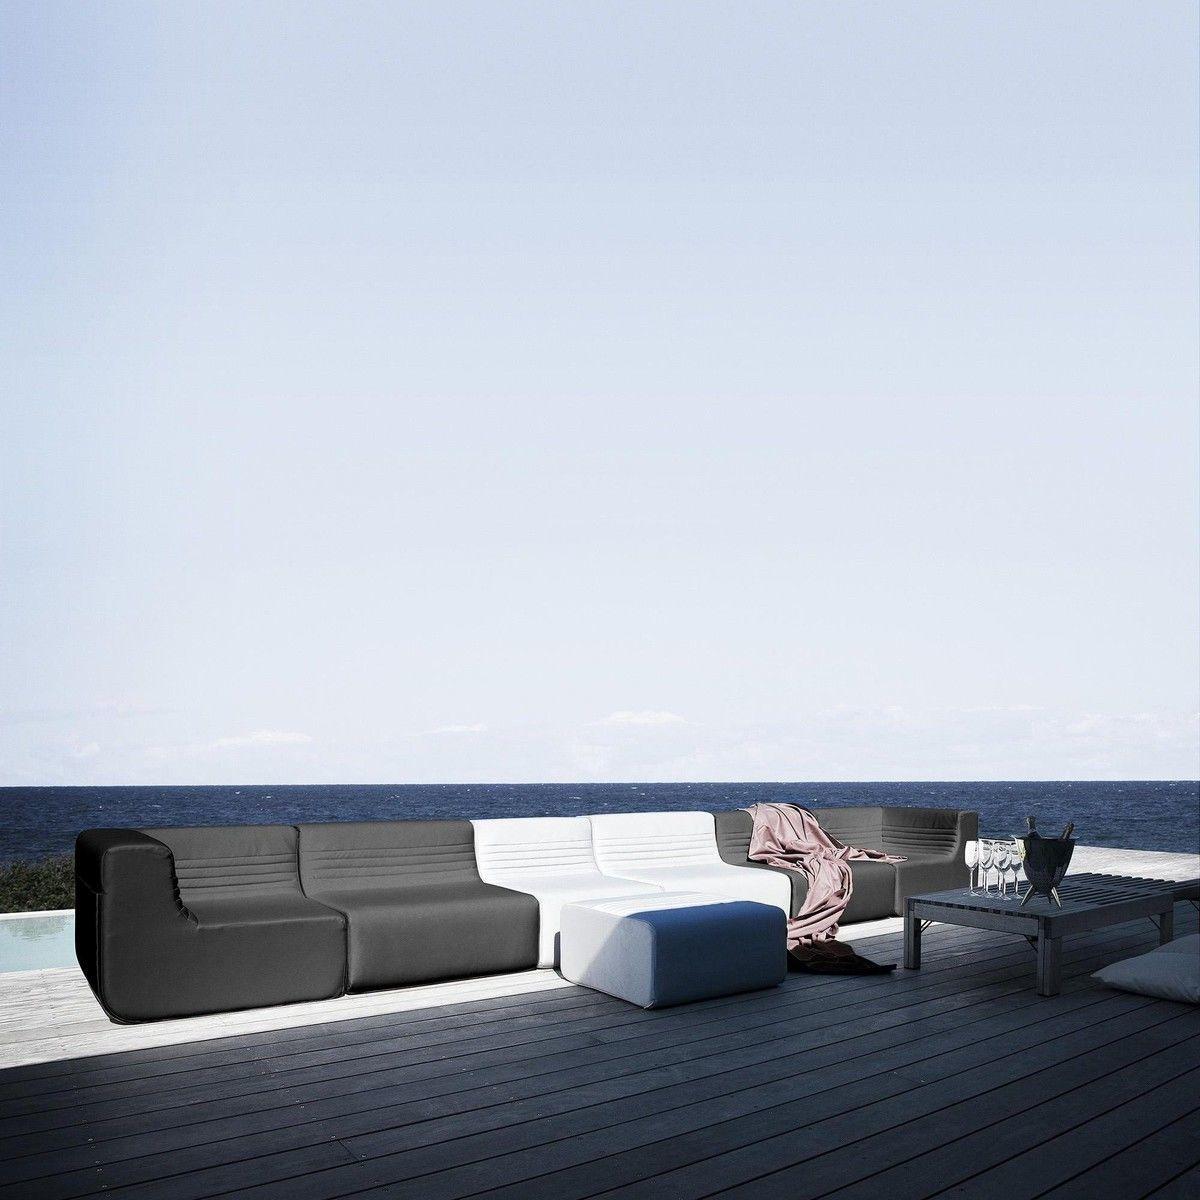 Großartig Lofty Design Ideas Massiver Esstisch Fotos - Heimat Ideen ...